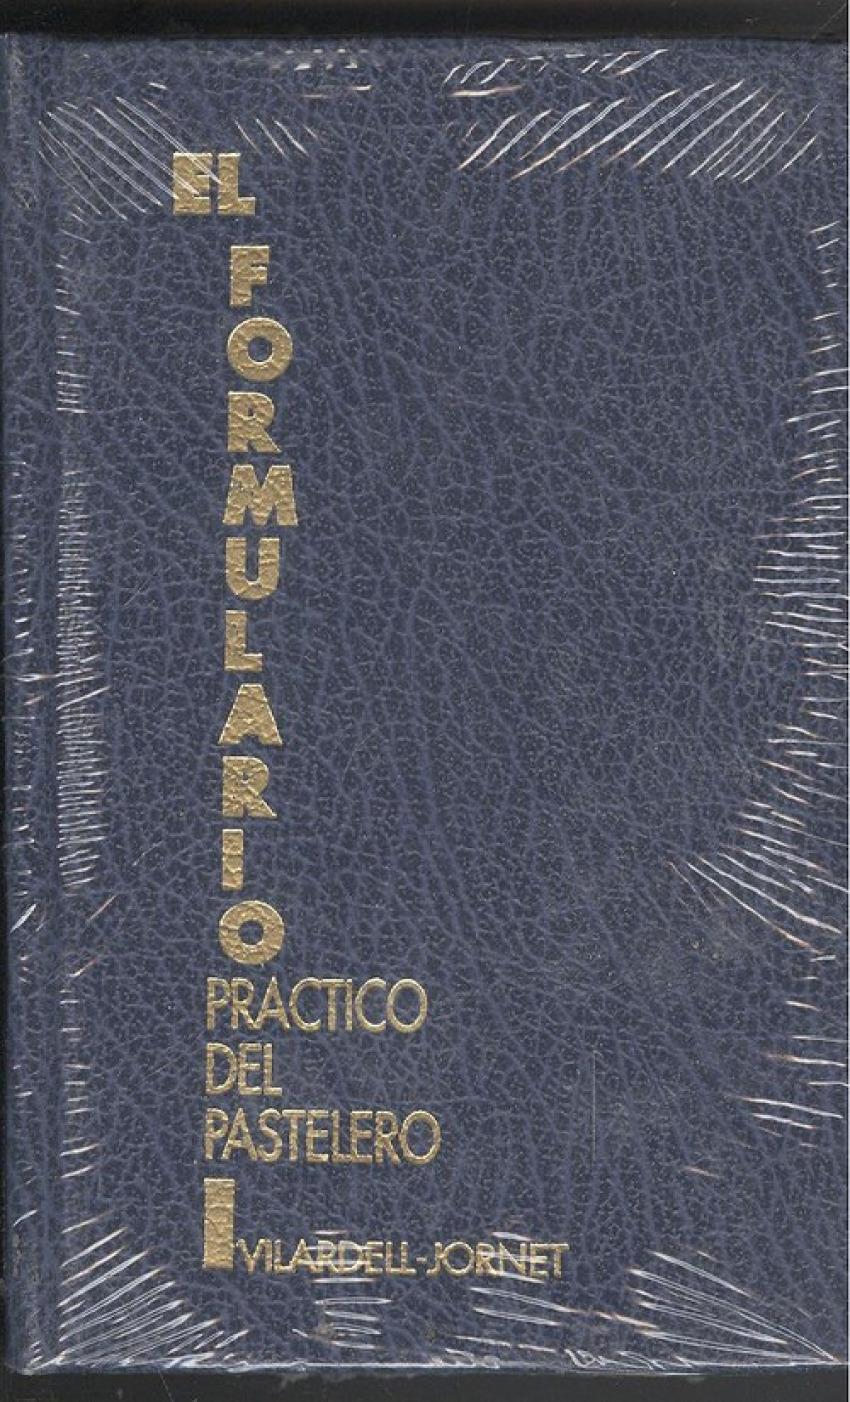 FORMULARIO PRÁCTICO DEL PASTELERO 9788472120037